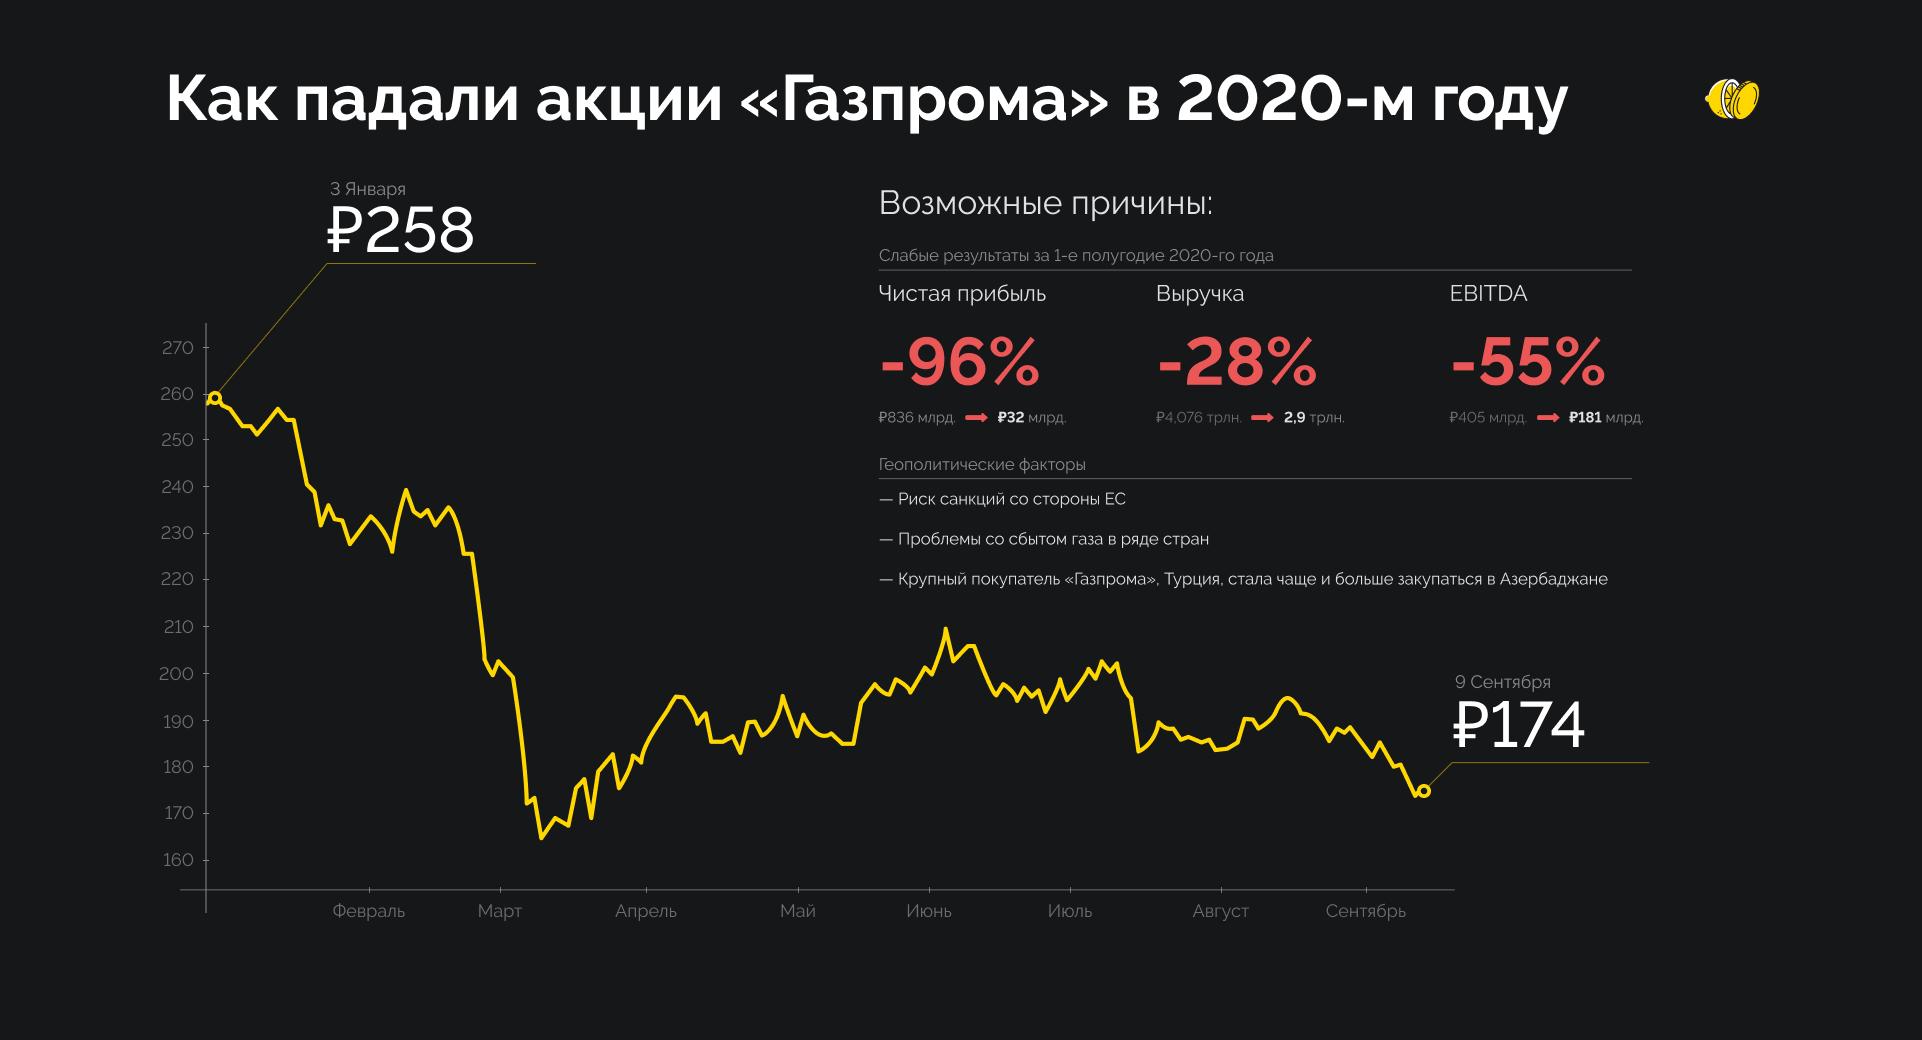 Акции «Газпрома»: туманные перспективы, но надежда есть